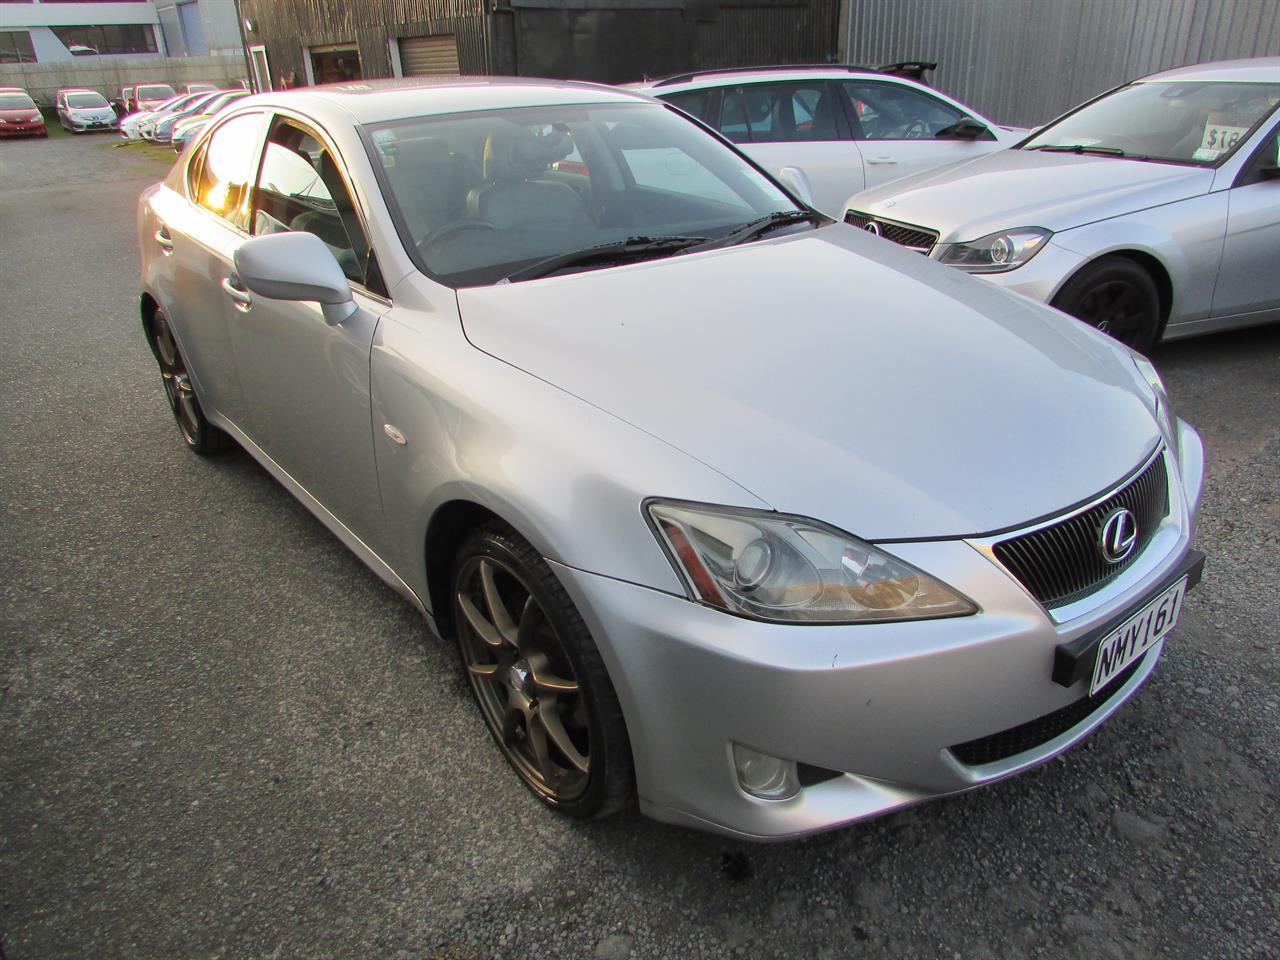 Motors Cars & parts Cars : 2007 Lexus IS220D Diesel Manual Low km Leather seats